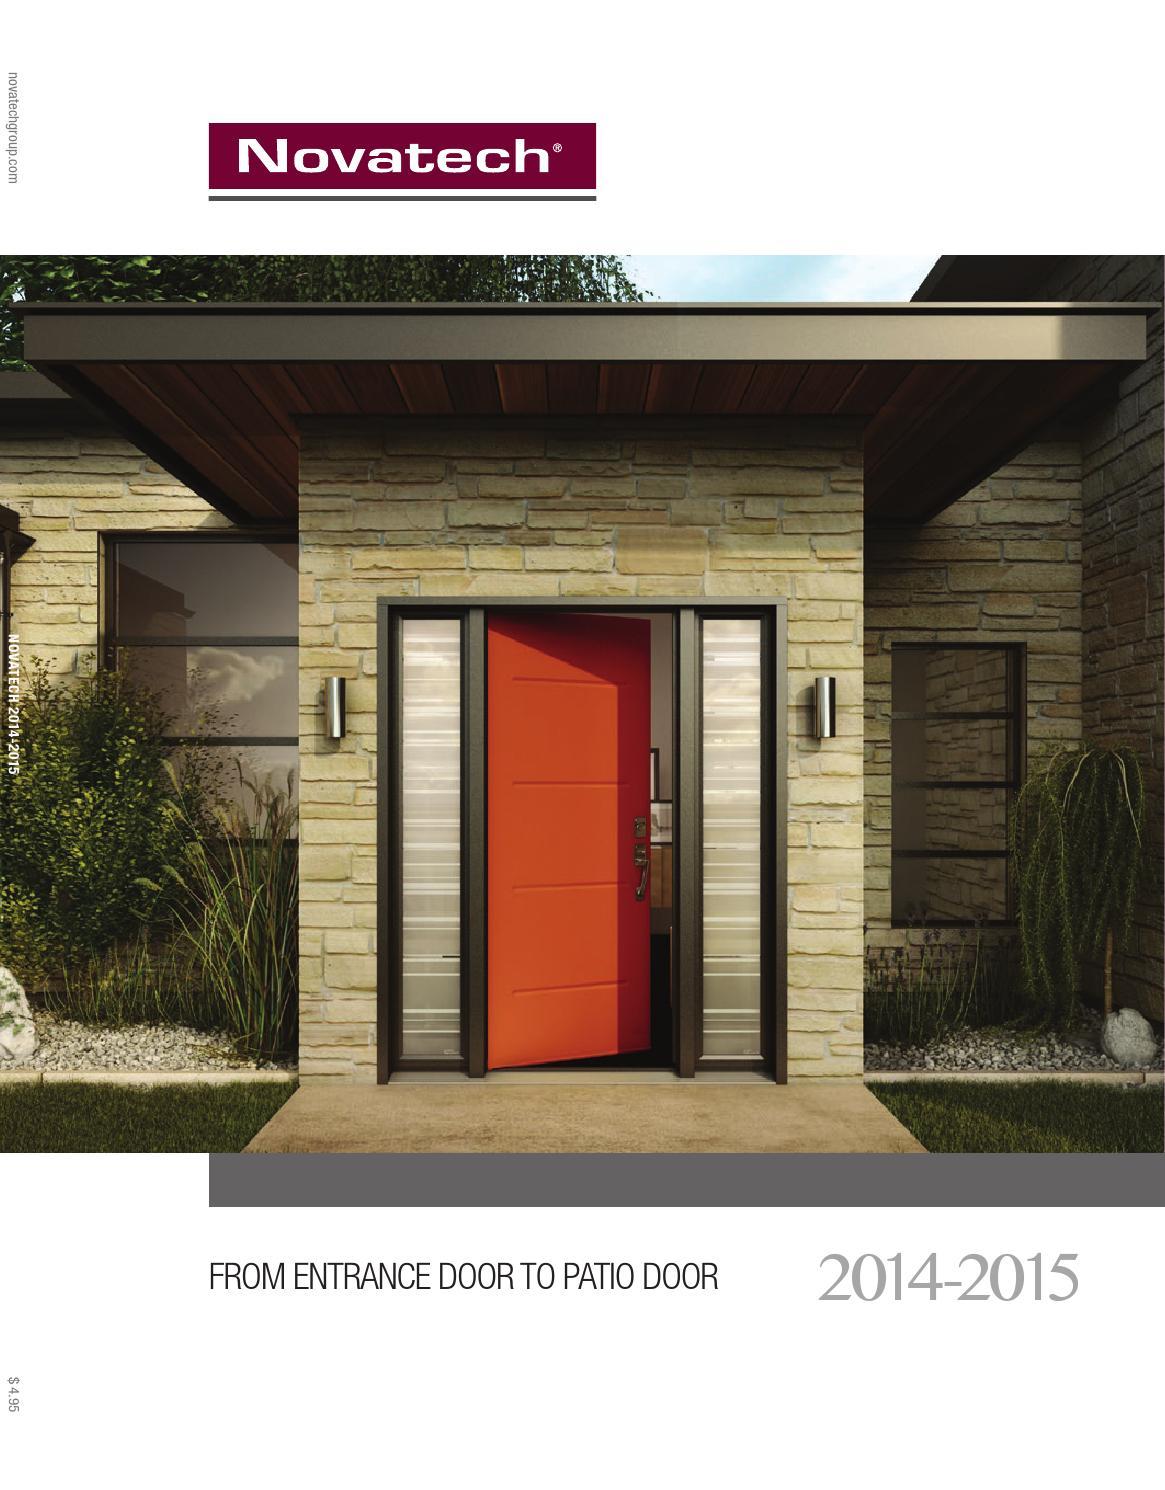 Novatech Door Catalog By Renova Window Amp Door Designs Issuu